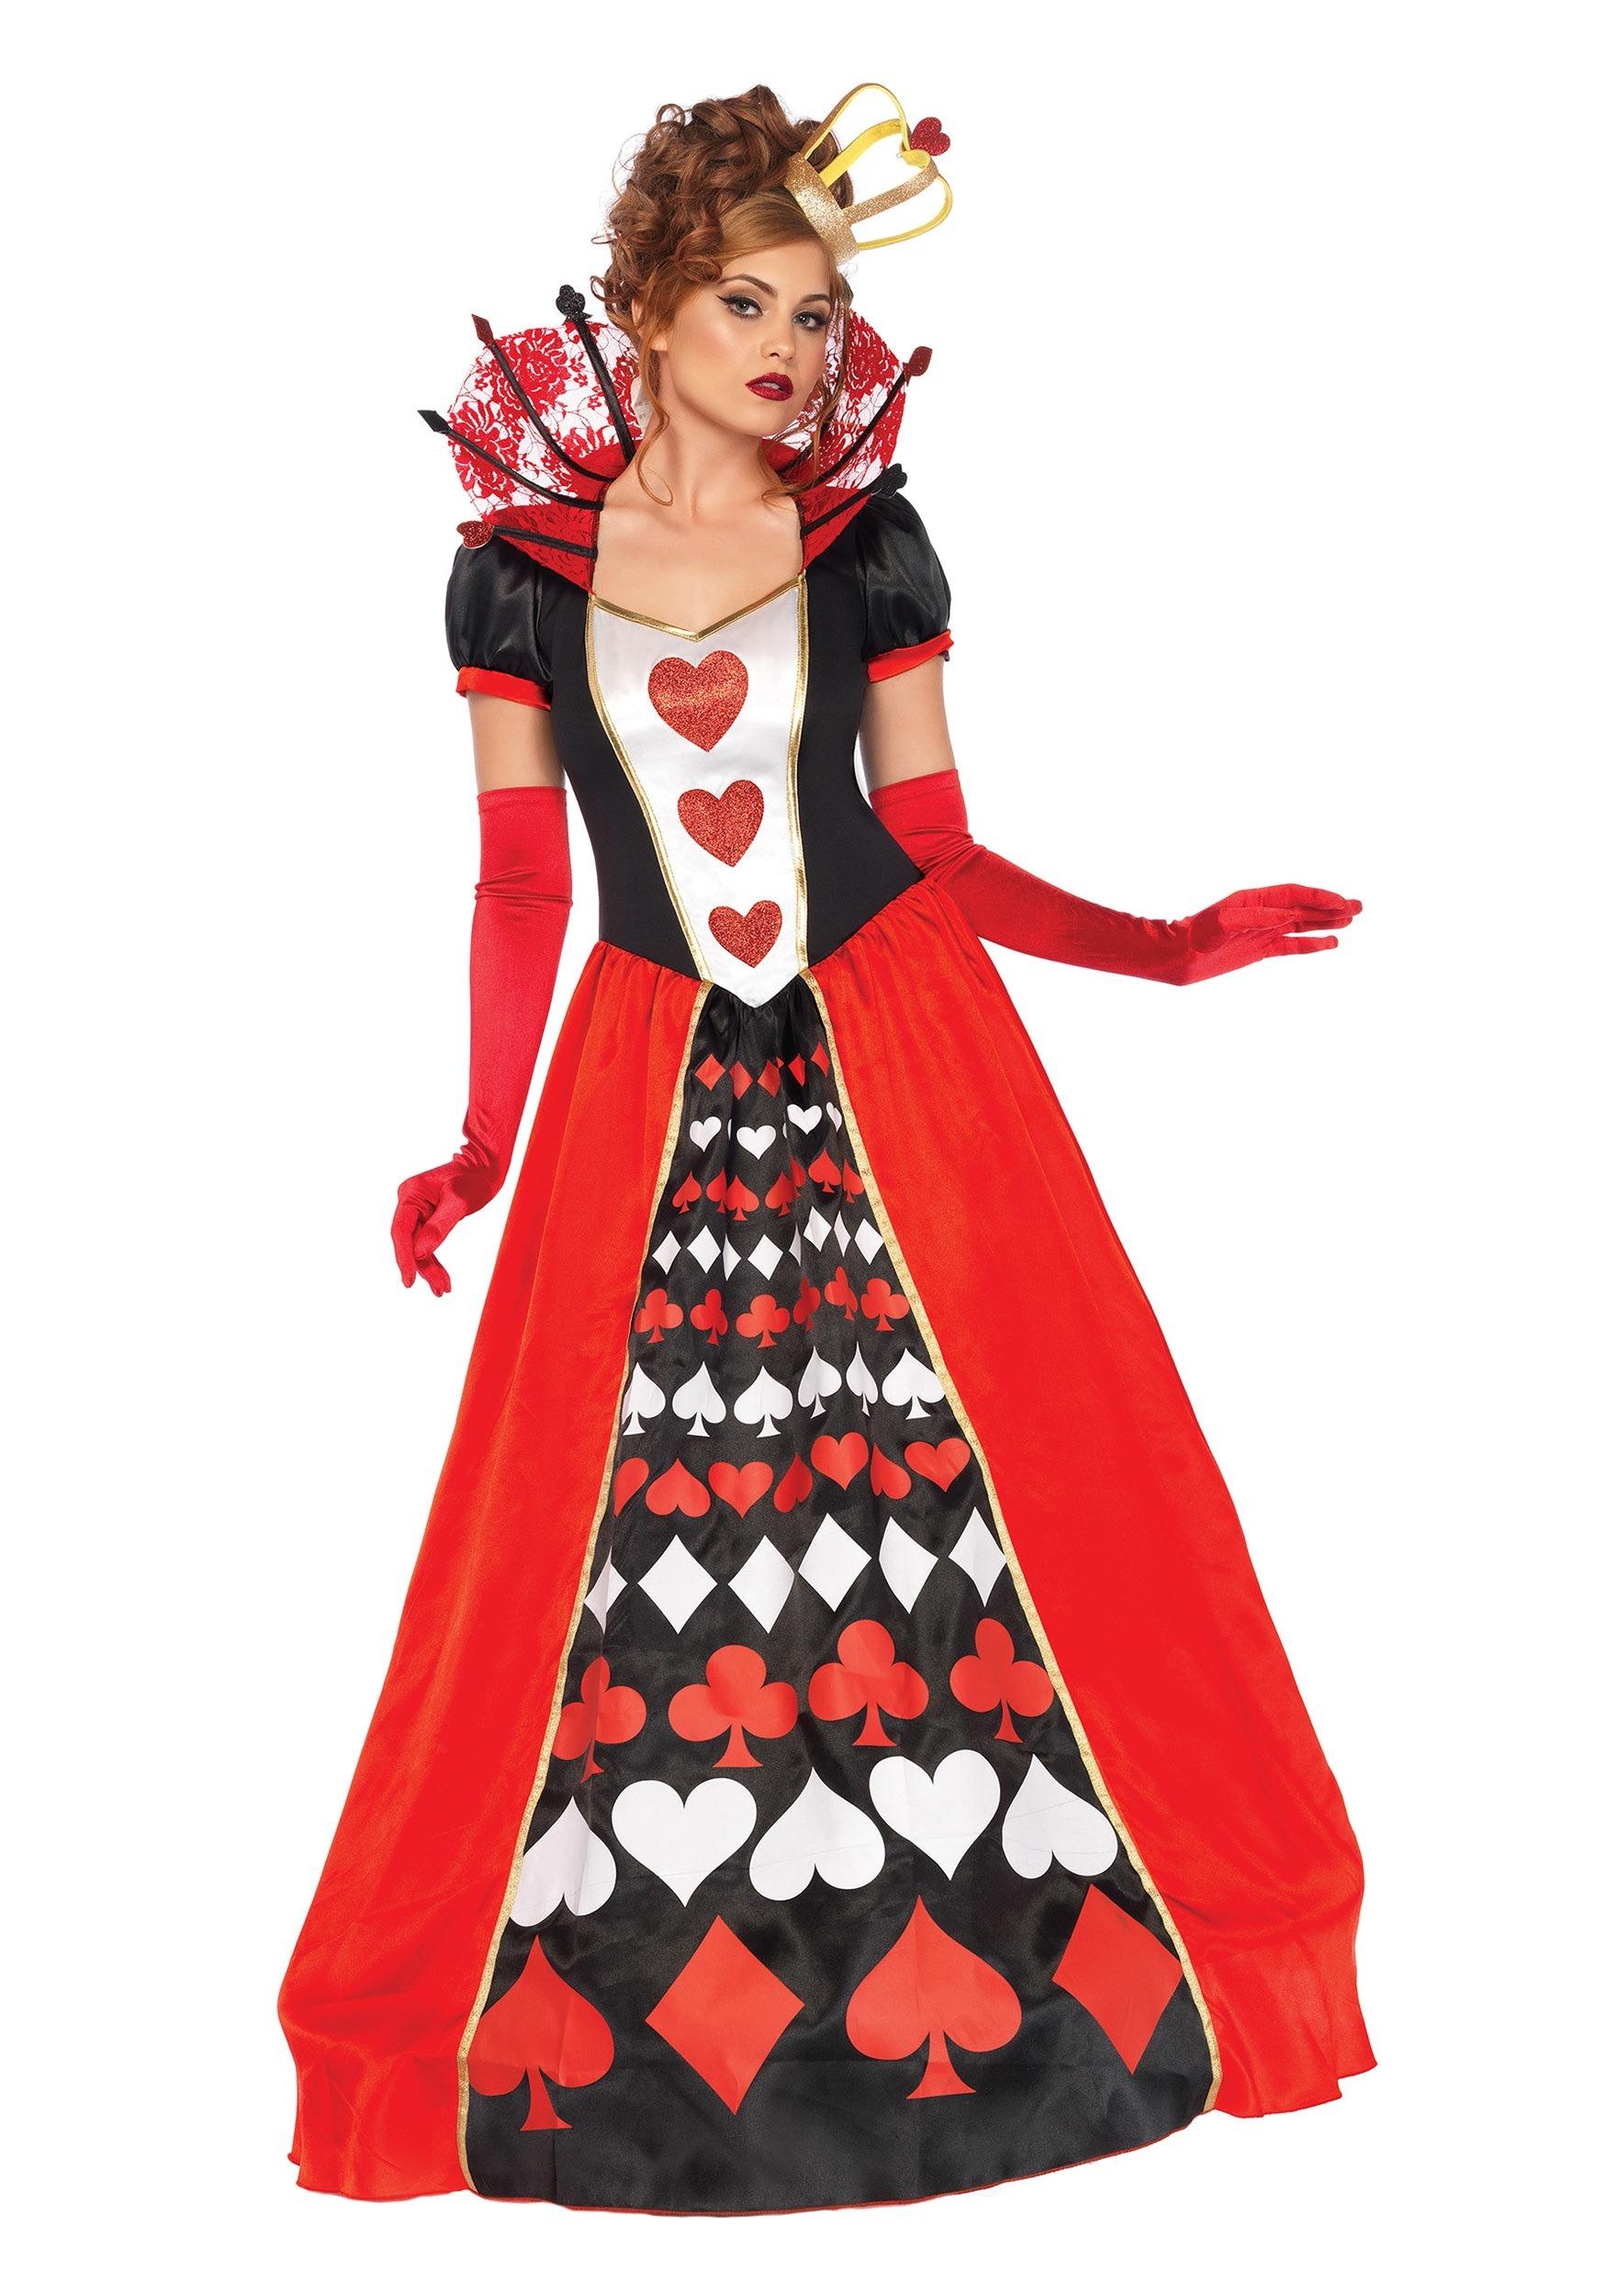 Fancy Dress Rental Online